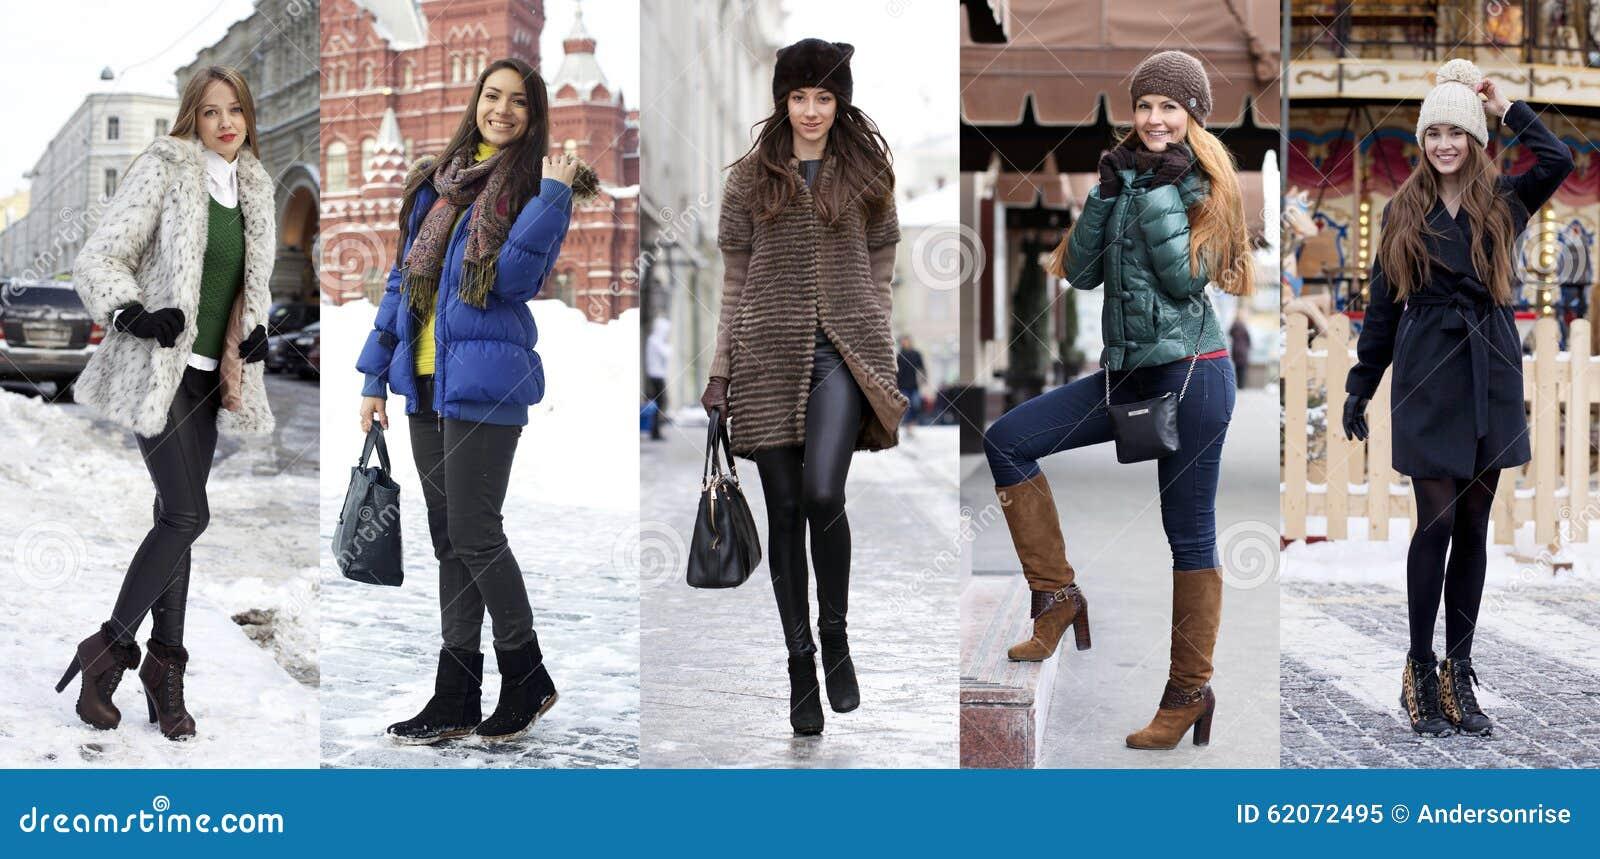 Woman Winter Fashion Beautiful 71